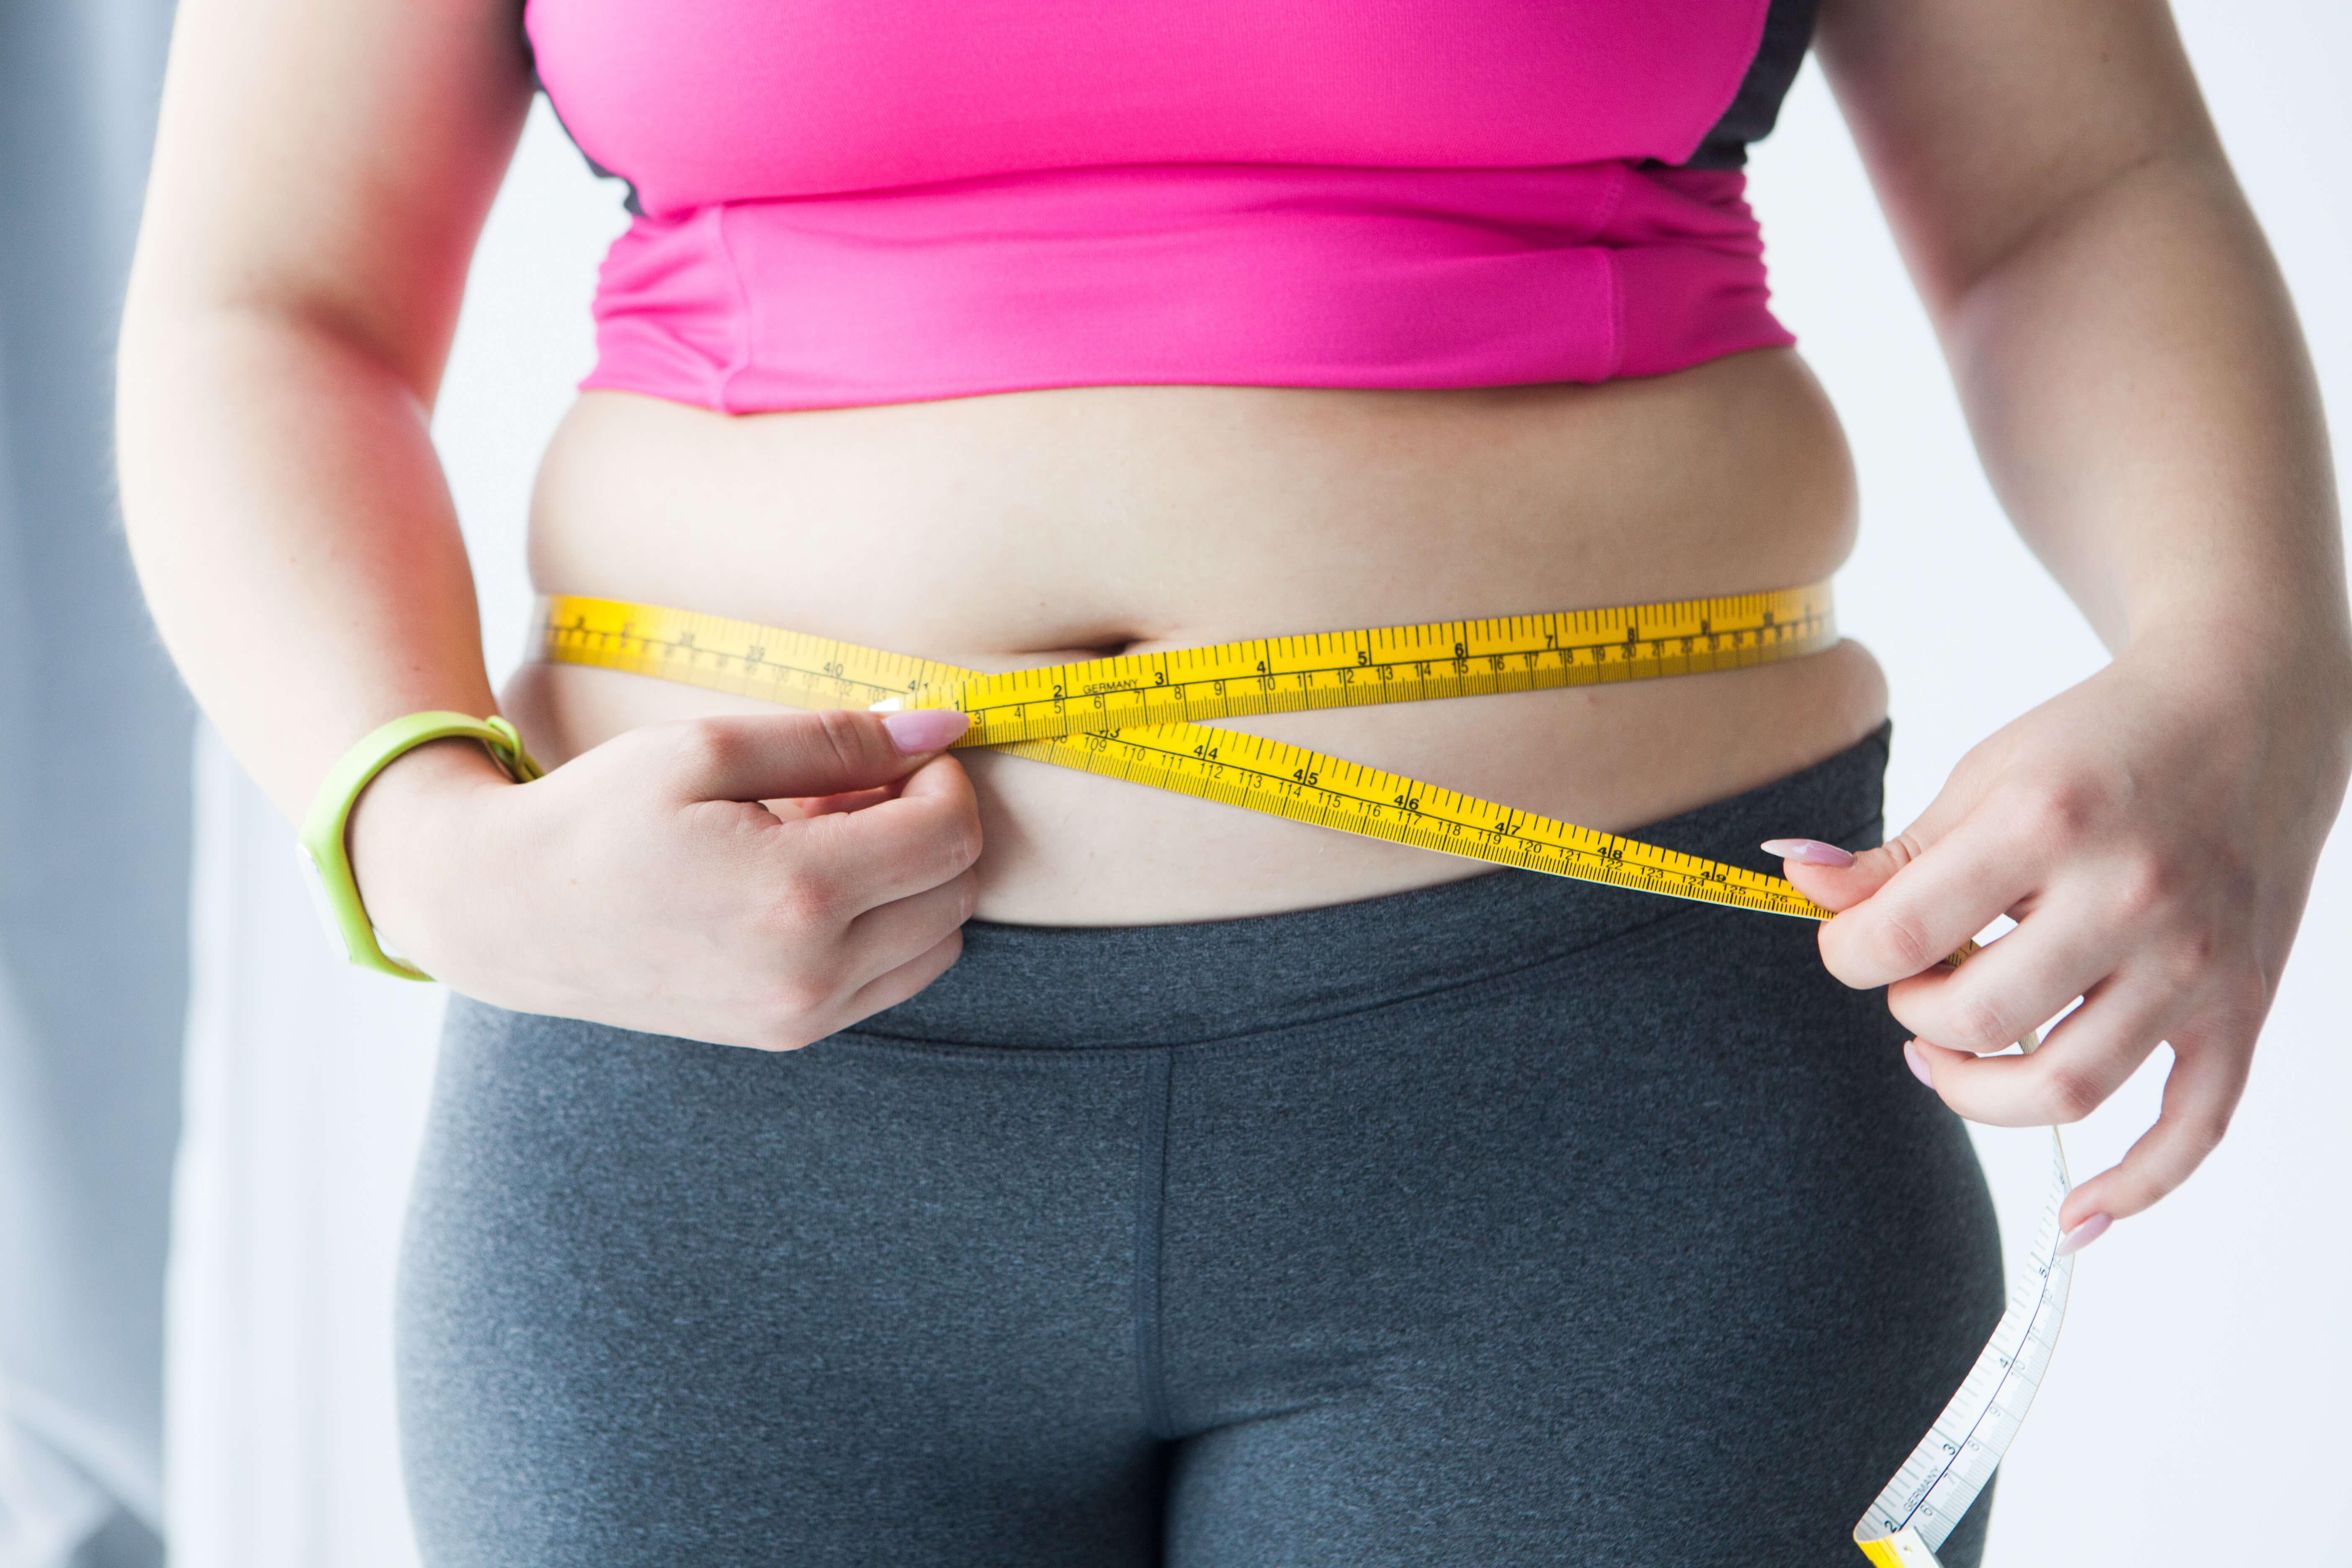 ウエストをメジャーで測定する太った女性